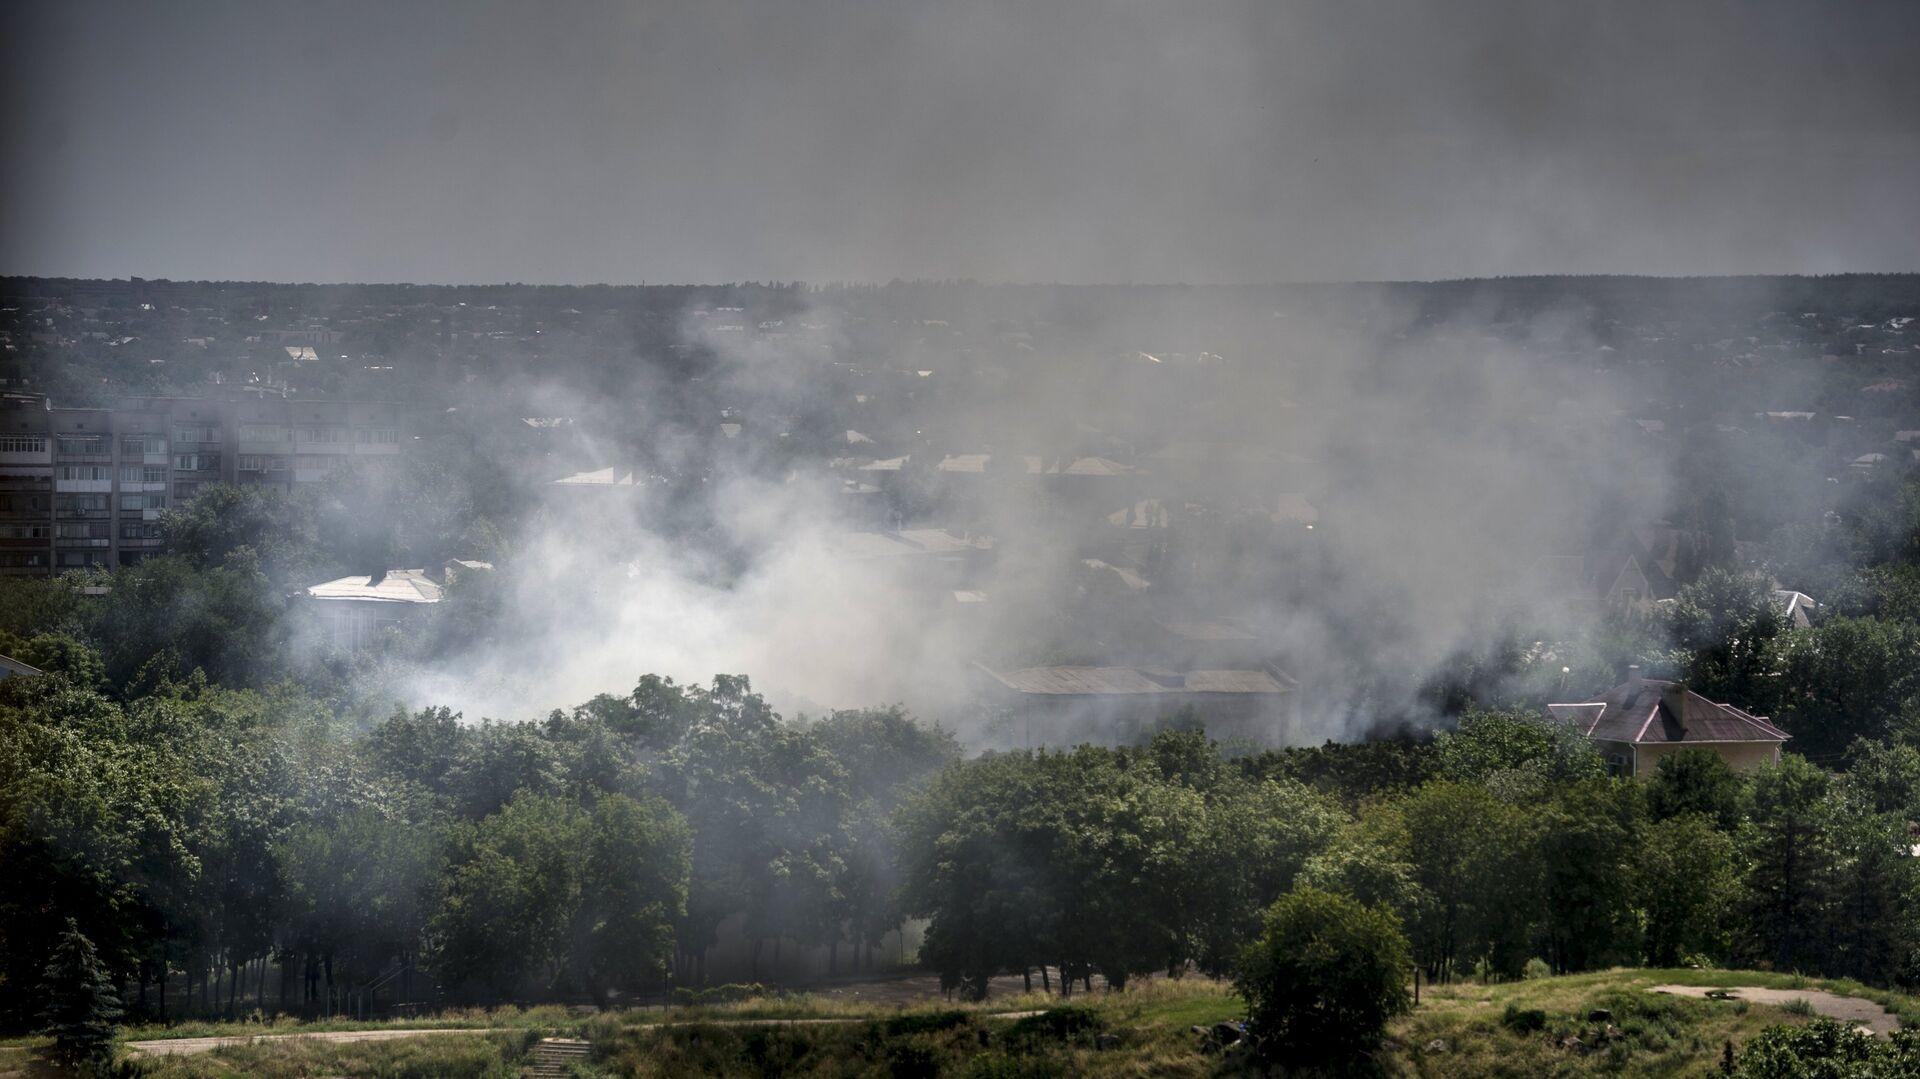 Пожар в одном из домов Луганска, загоревшемся в результате попадания снаряда во время артиллерийского обстрела города украинскими силовиками - РИА Новости, 1920, 01.10.2020